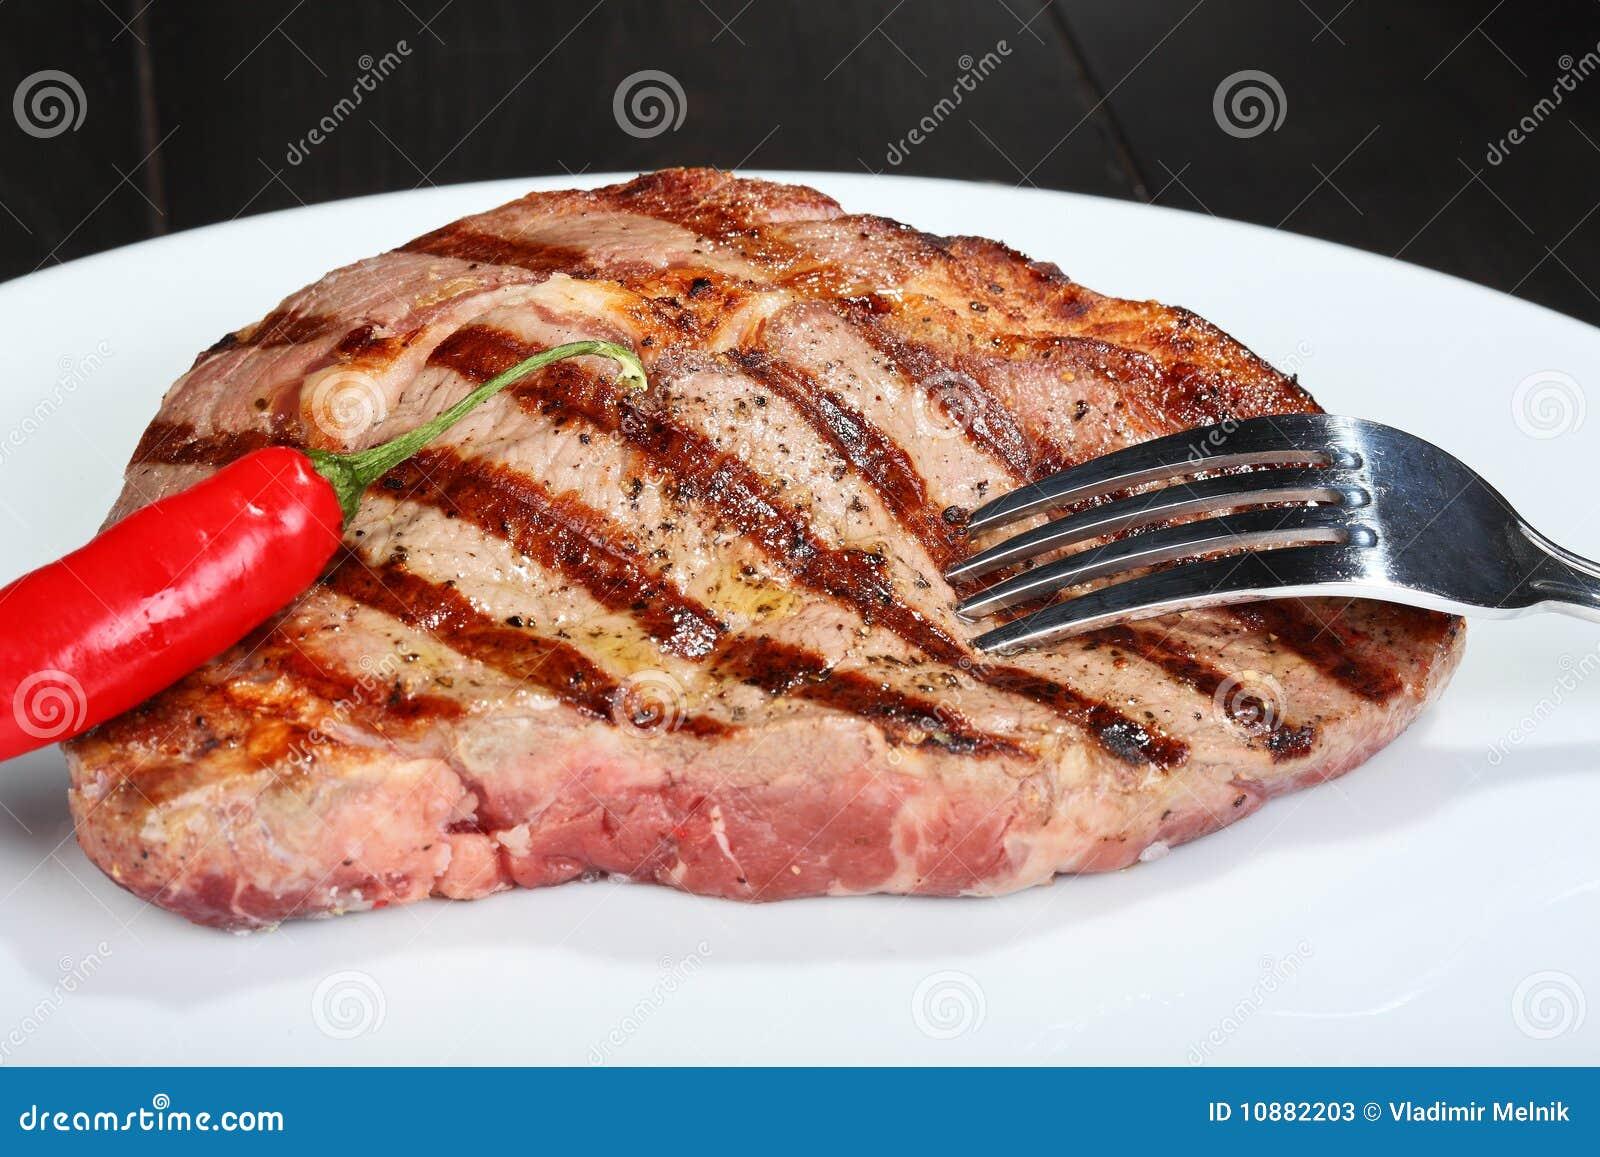 how to keep juicd in steak